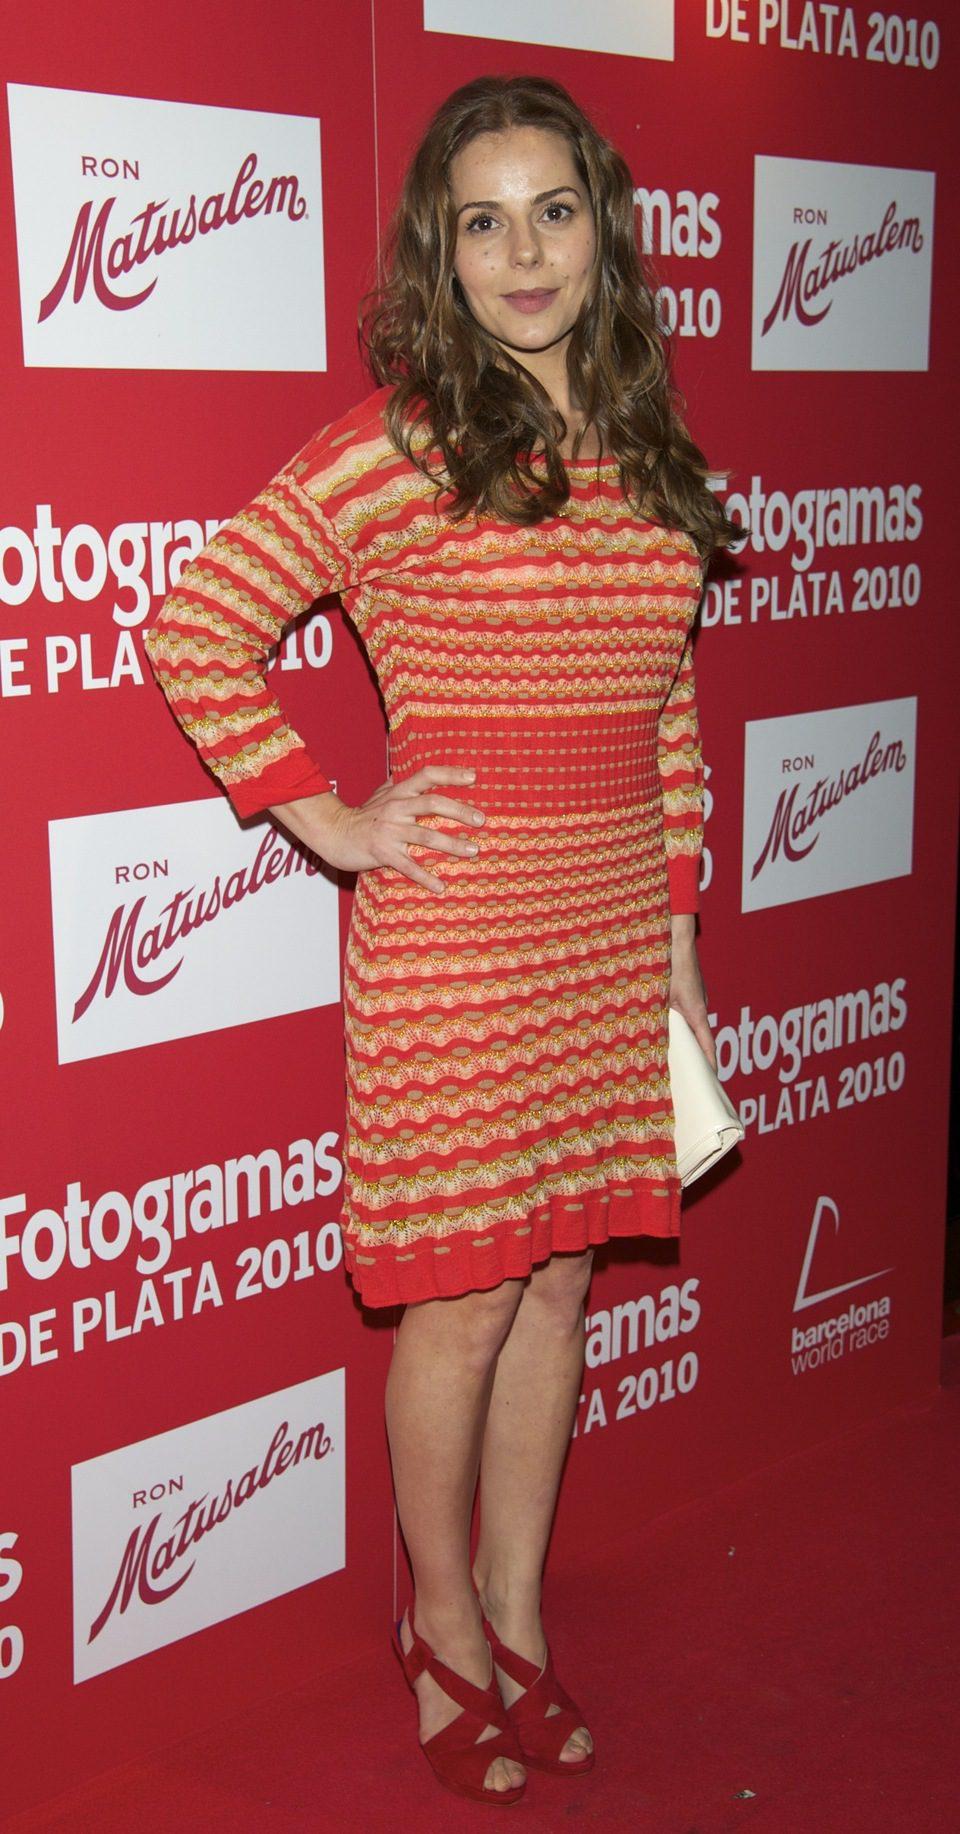 Miryam Gallego en los Fotogramas 2010